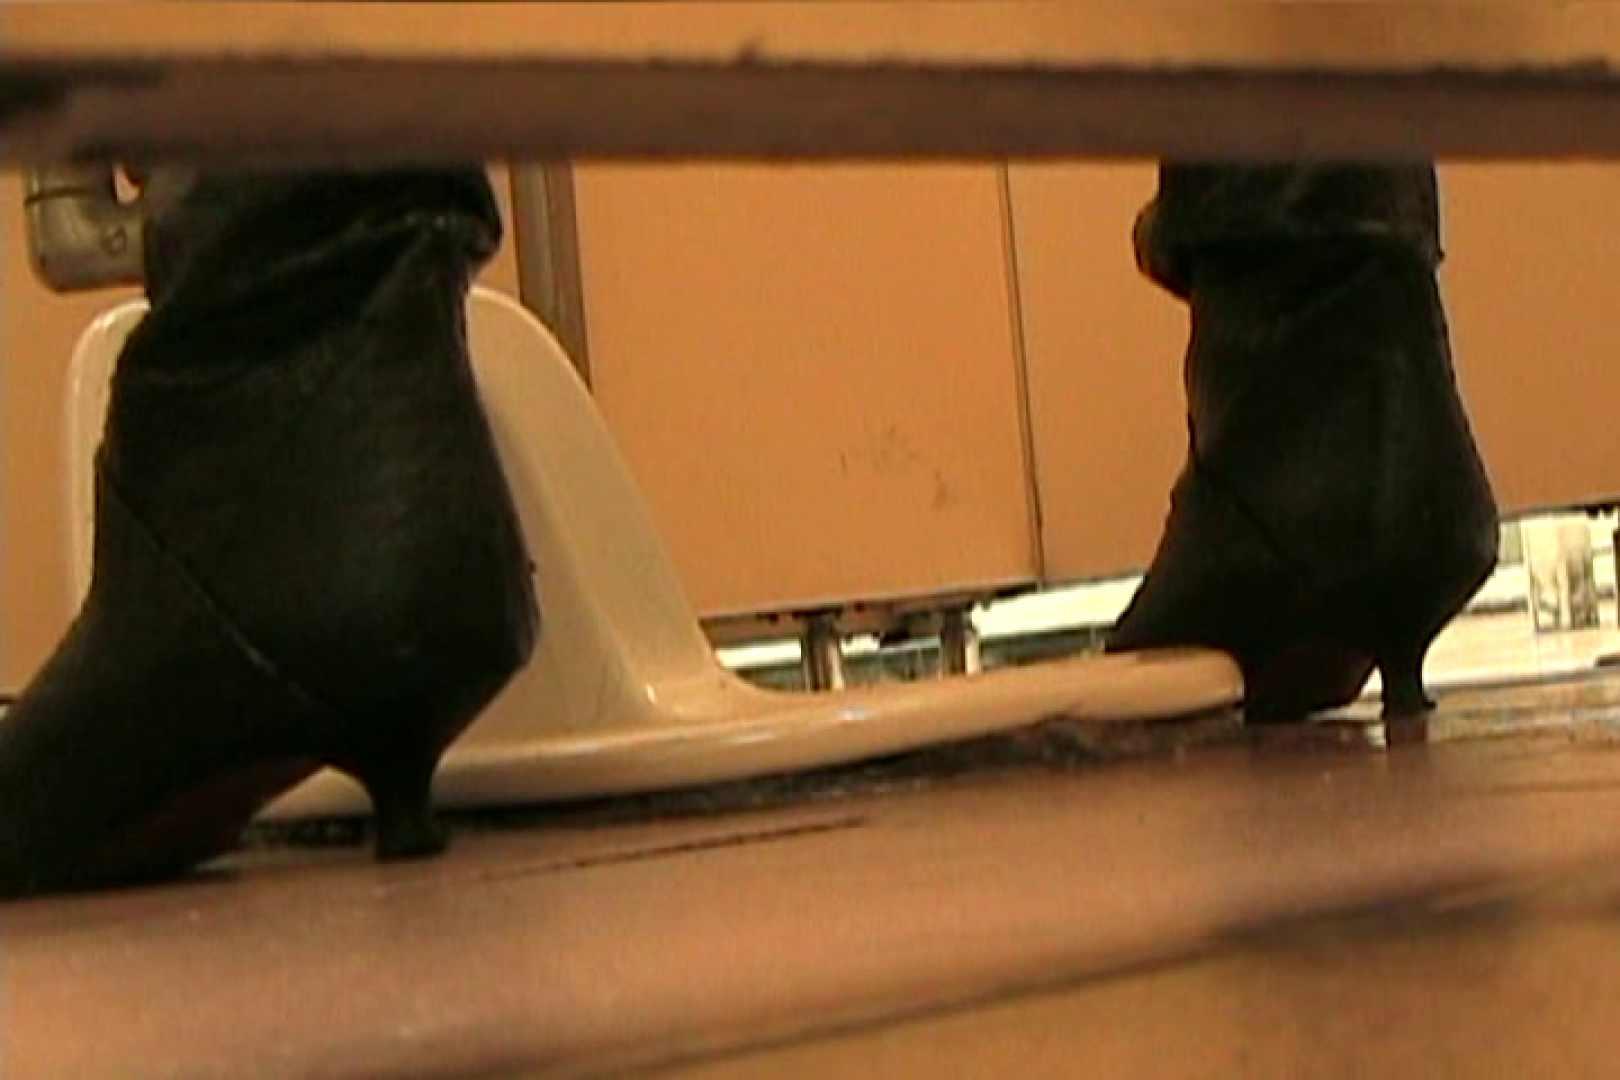 マンコ丸見え女子洗面所Vol.28 洗面所 隠し撮りすけべAV動画紹介 111PICs 14